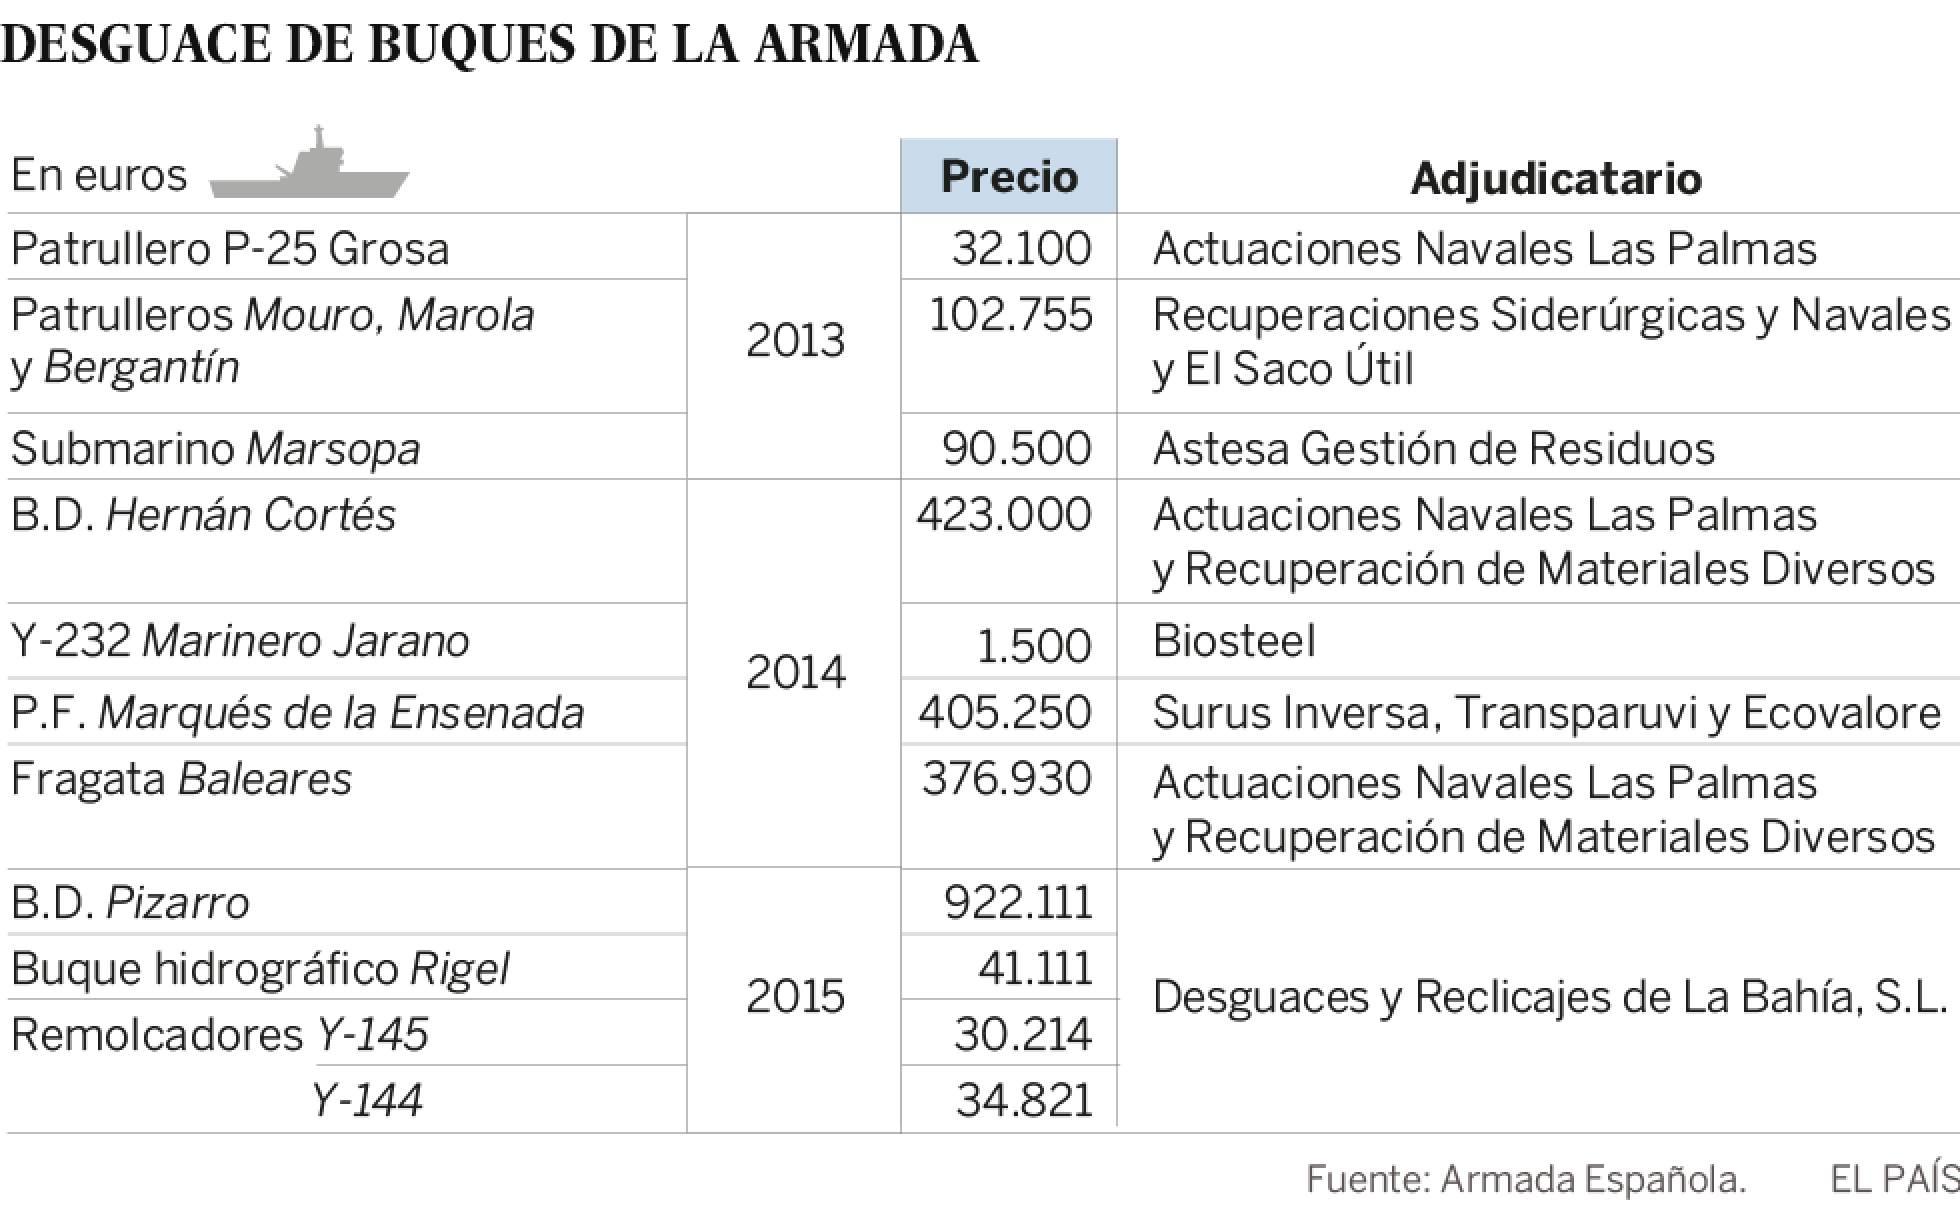 Defensa estudia dar de baja al portaaviones 'Príncipe de Asturias' para ahorrar - Página 3 1462643806_129836_1462741778_sumario_normal_recorte1